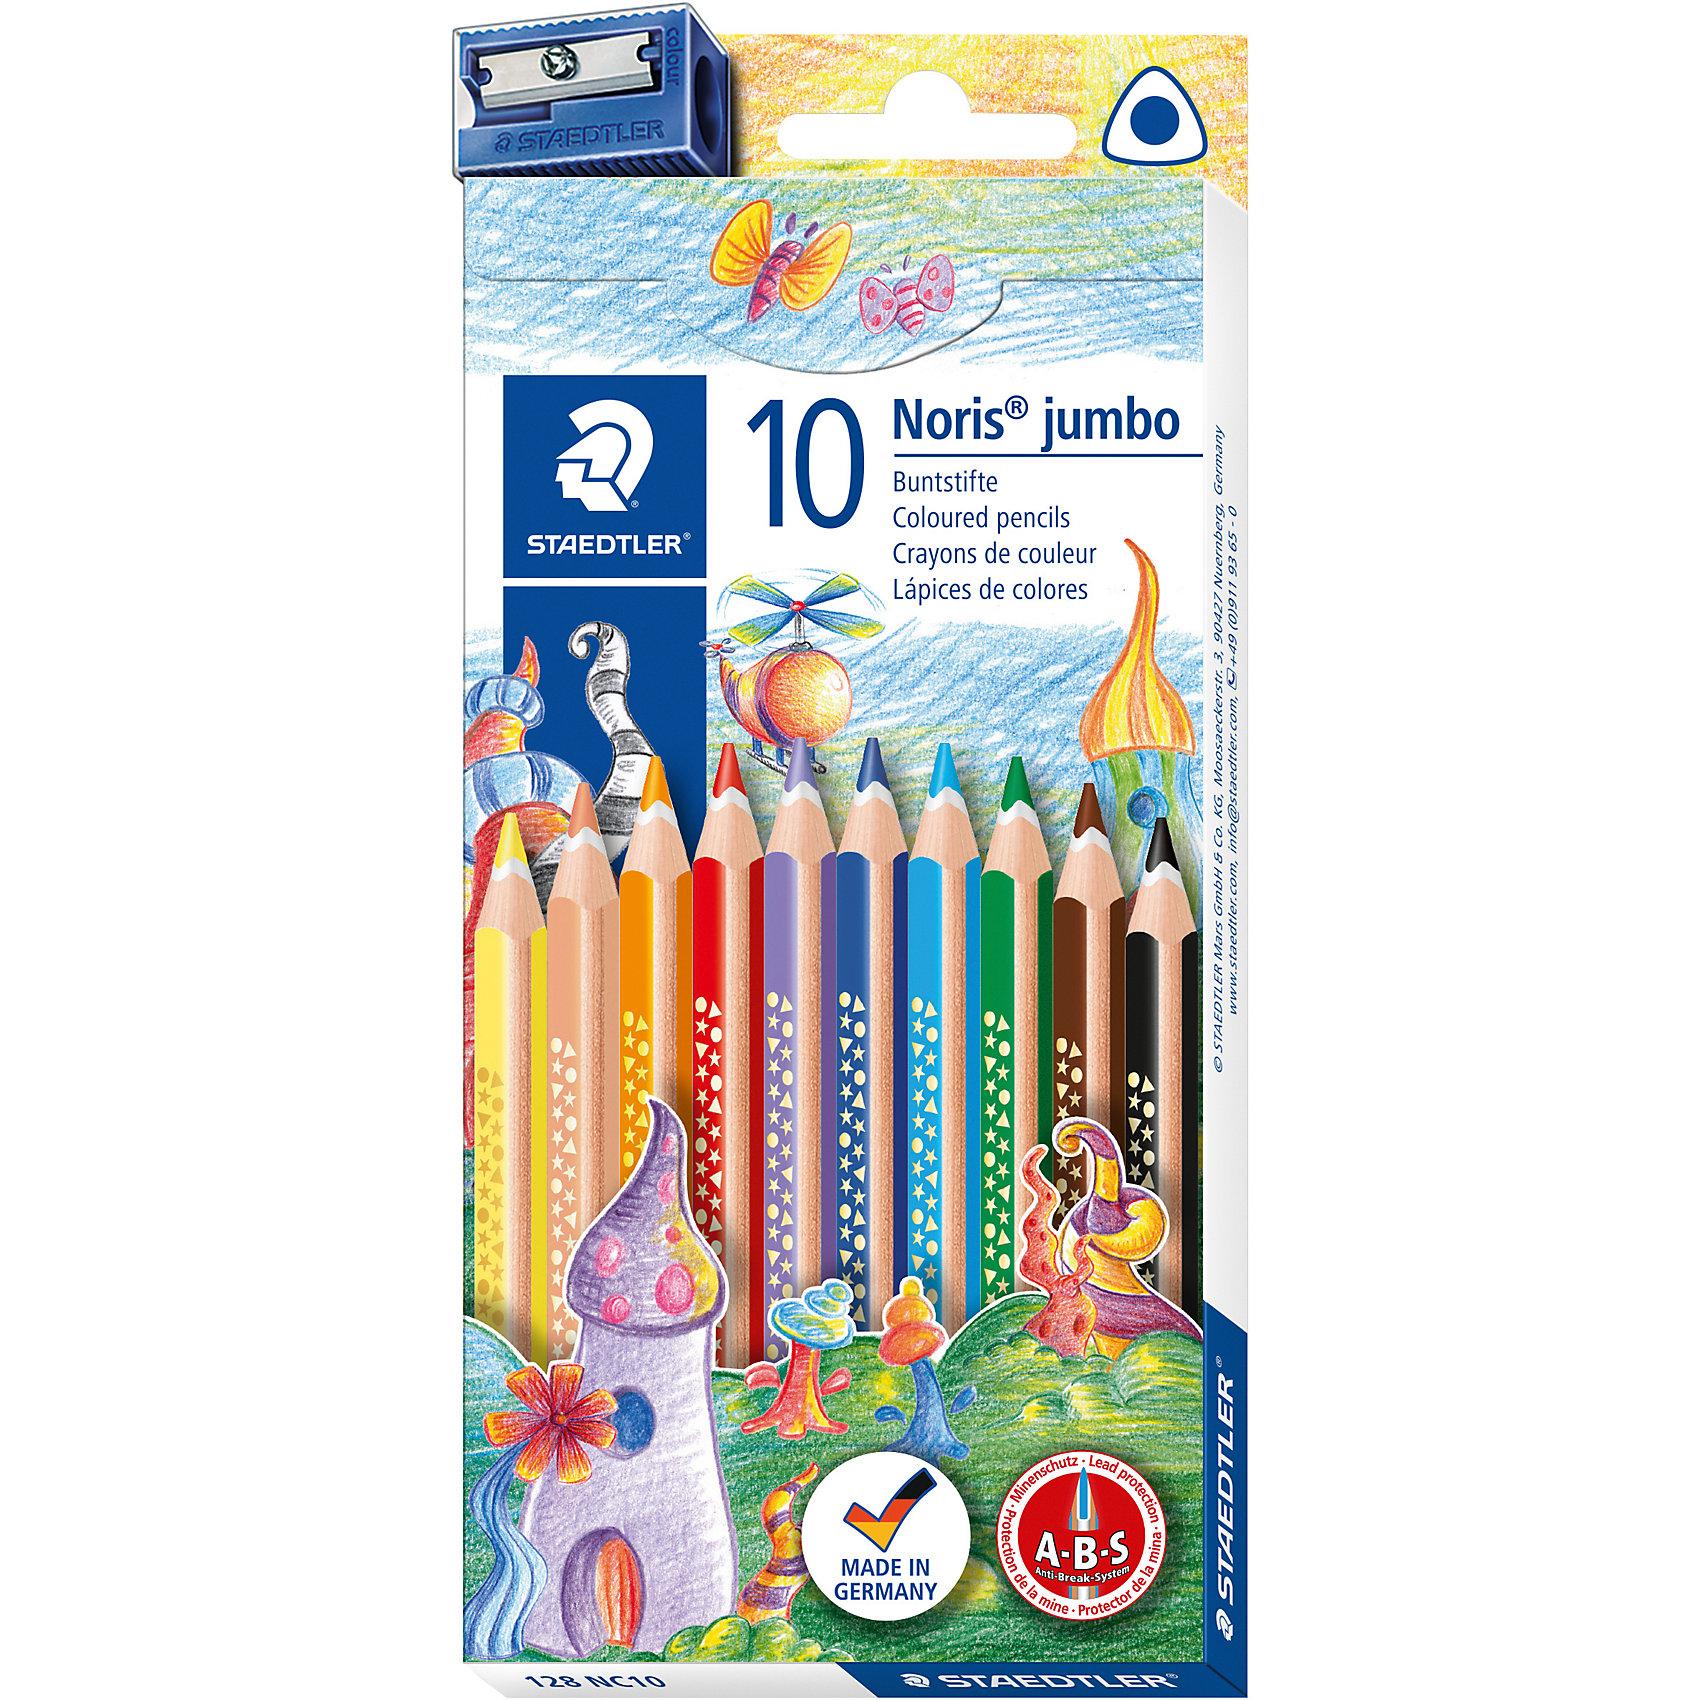 Цветные карандаши NorisClub, 10 цв.Письменные принадлежности<br>Набор цветных карандашей Noris Club  Jumbo эргонамичнойтрехгранной  формы для удобного и легкого письма.  Идеально для первых упражнений в письме и рисовании. Привлекательный дизайн Звезды с полем для имени. Картонная коробка. Содержит 10 цветов + точилка. A-B-C - белое защитное покрытие для укрепления грифеля и для защиты от поломки. Очень мягкий и яркий грифель. При призводстве используется древесина сертифицированных и  специально подготовленных лесов.<br><br>Ширина мм: 199<br>Глубина мм: 88<br>Высота мм: 16<br>Вес г: 106<br>Возраст от месяцев: 36<br>Возраст до месяцев: 144<br>Пол: Унисекс<br>Возраст: Детский<br>SKU: 2031225